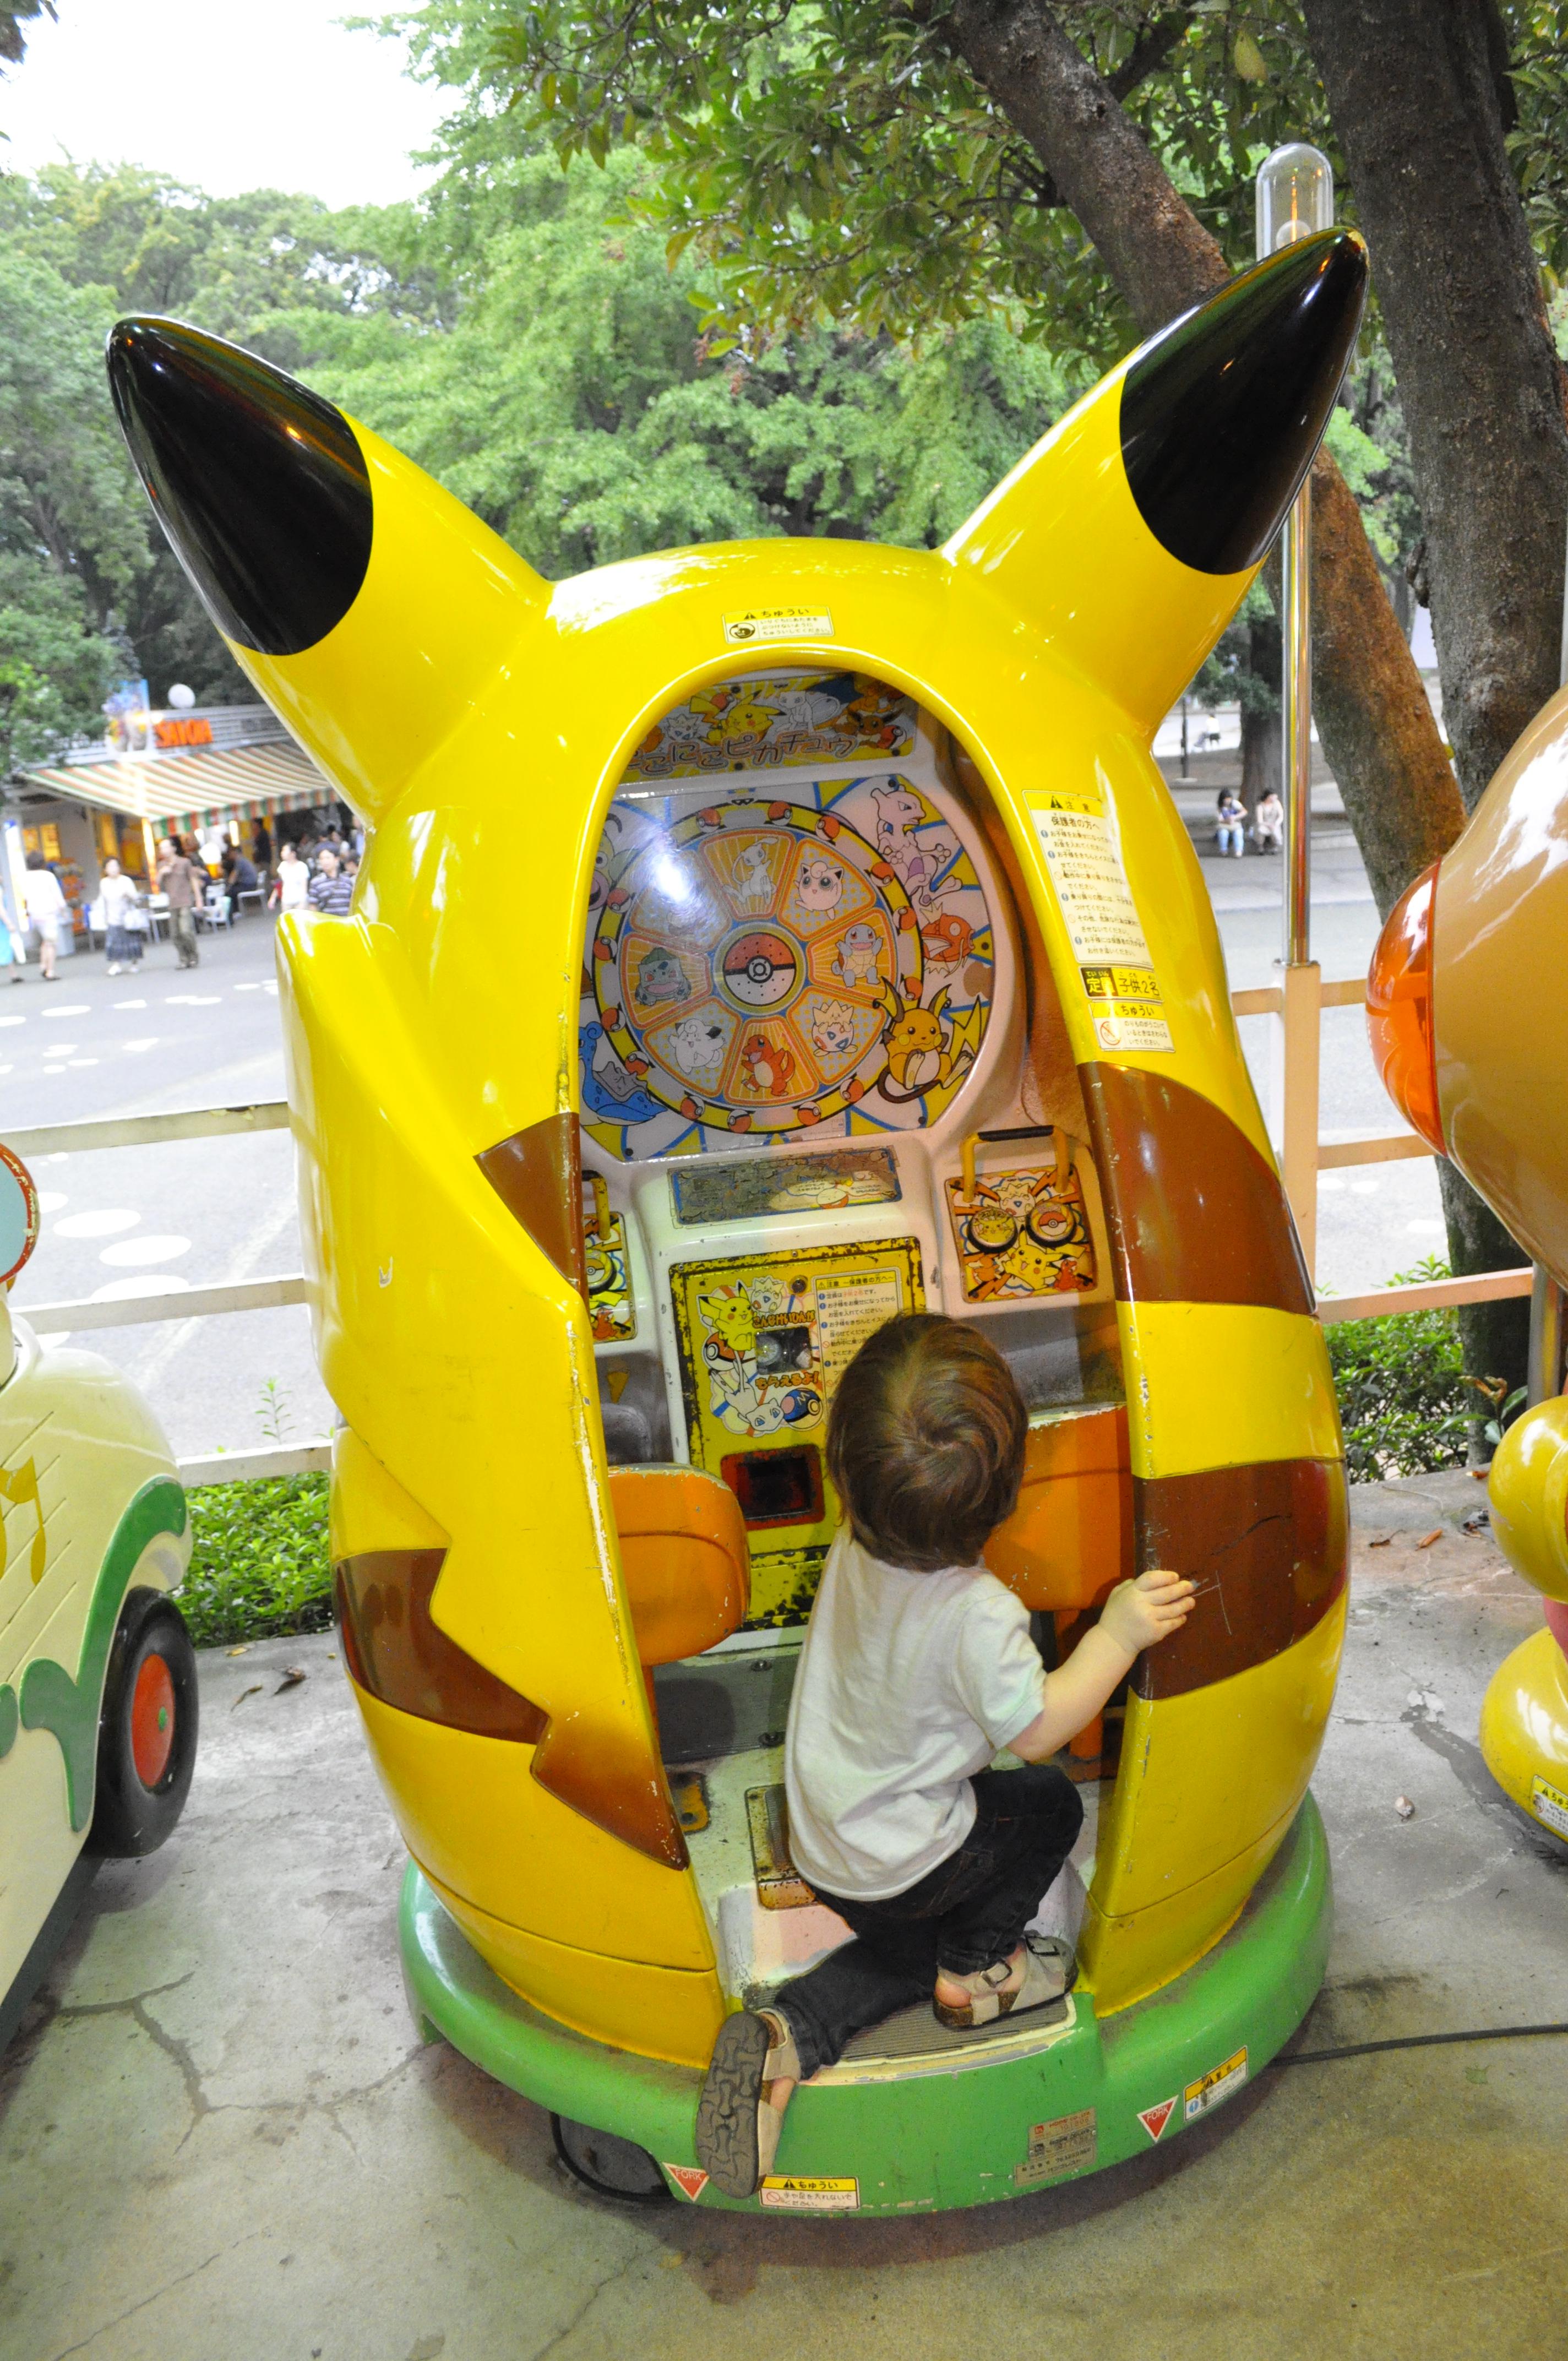 kids-japan-ueno-amusement-park-tokyo-pikachu